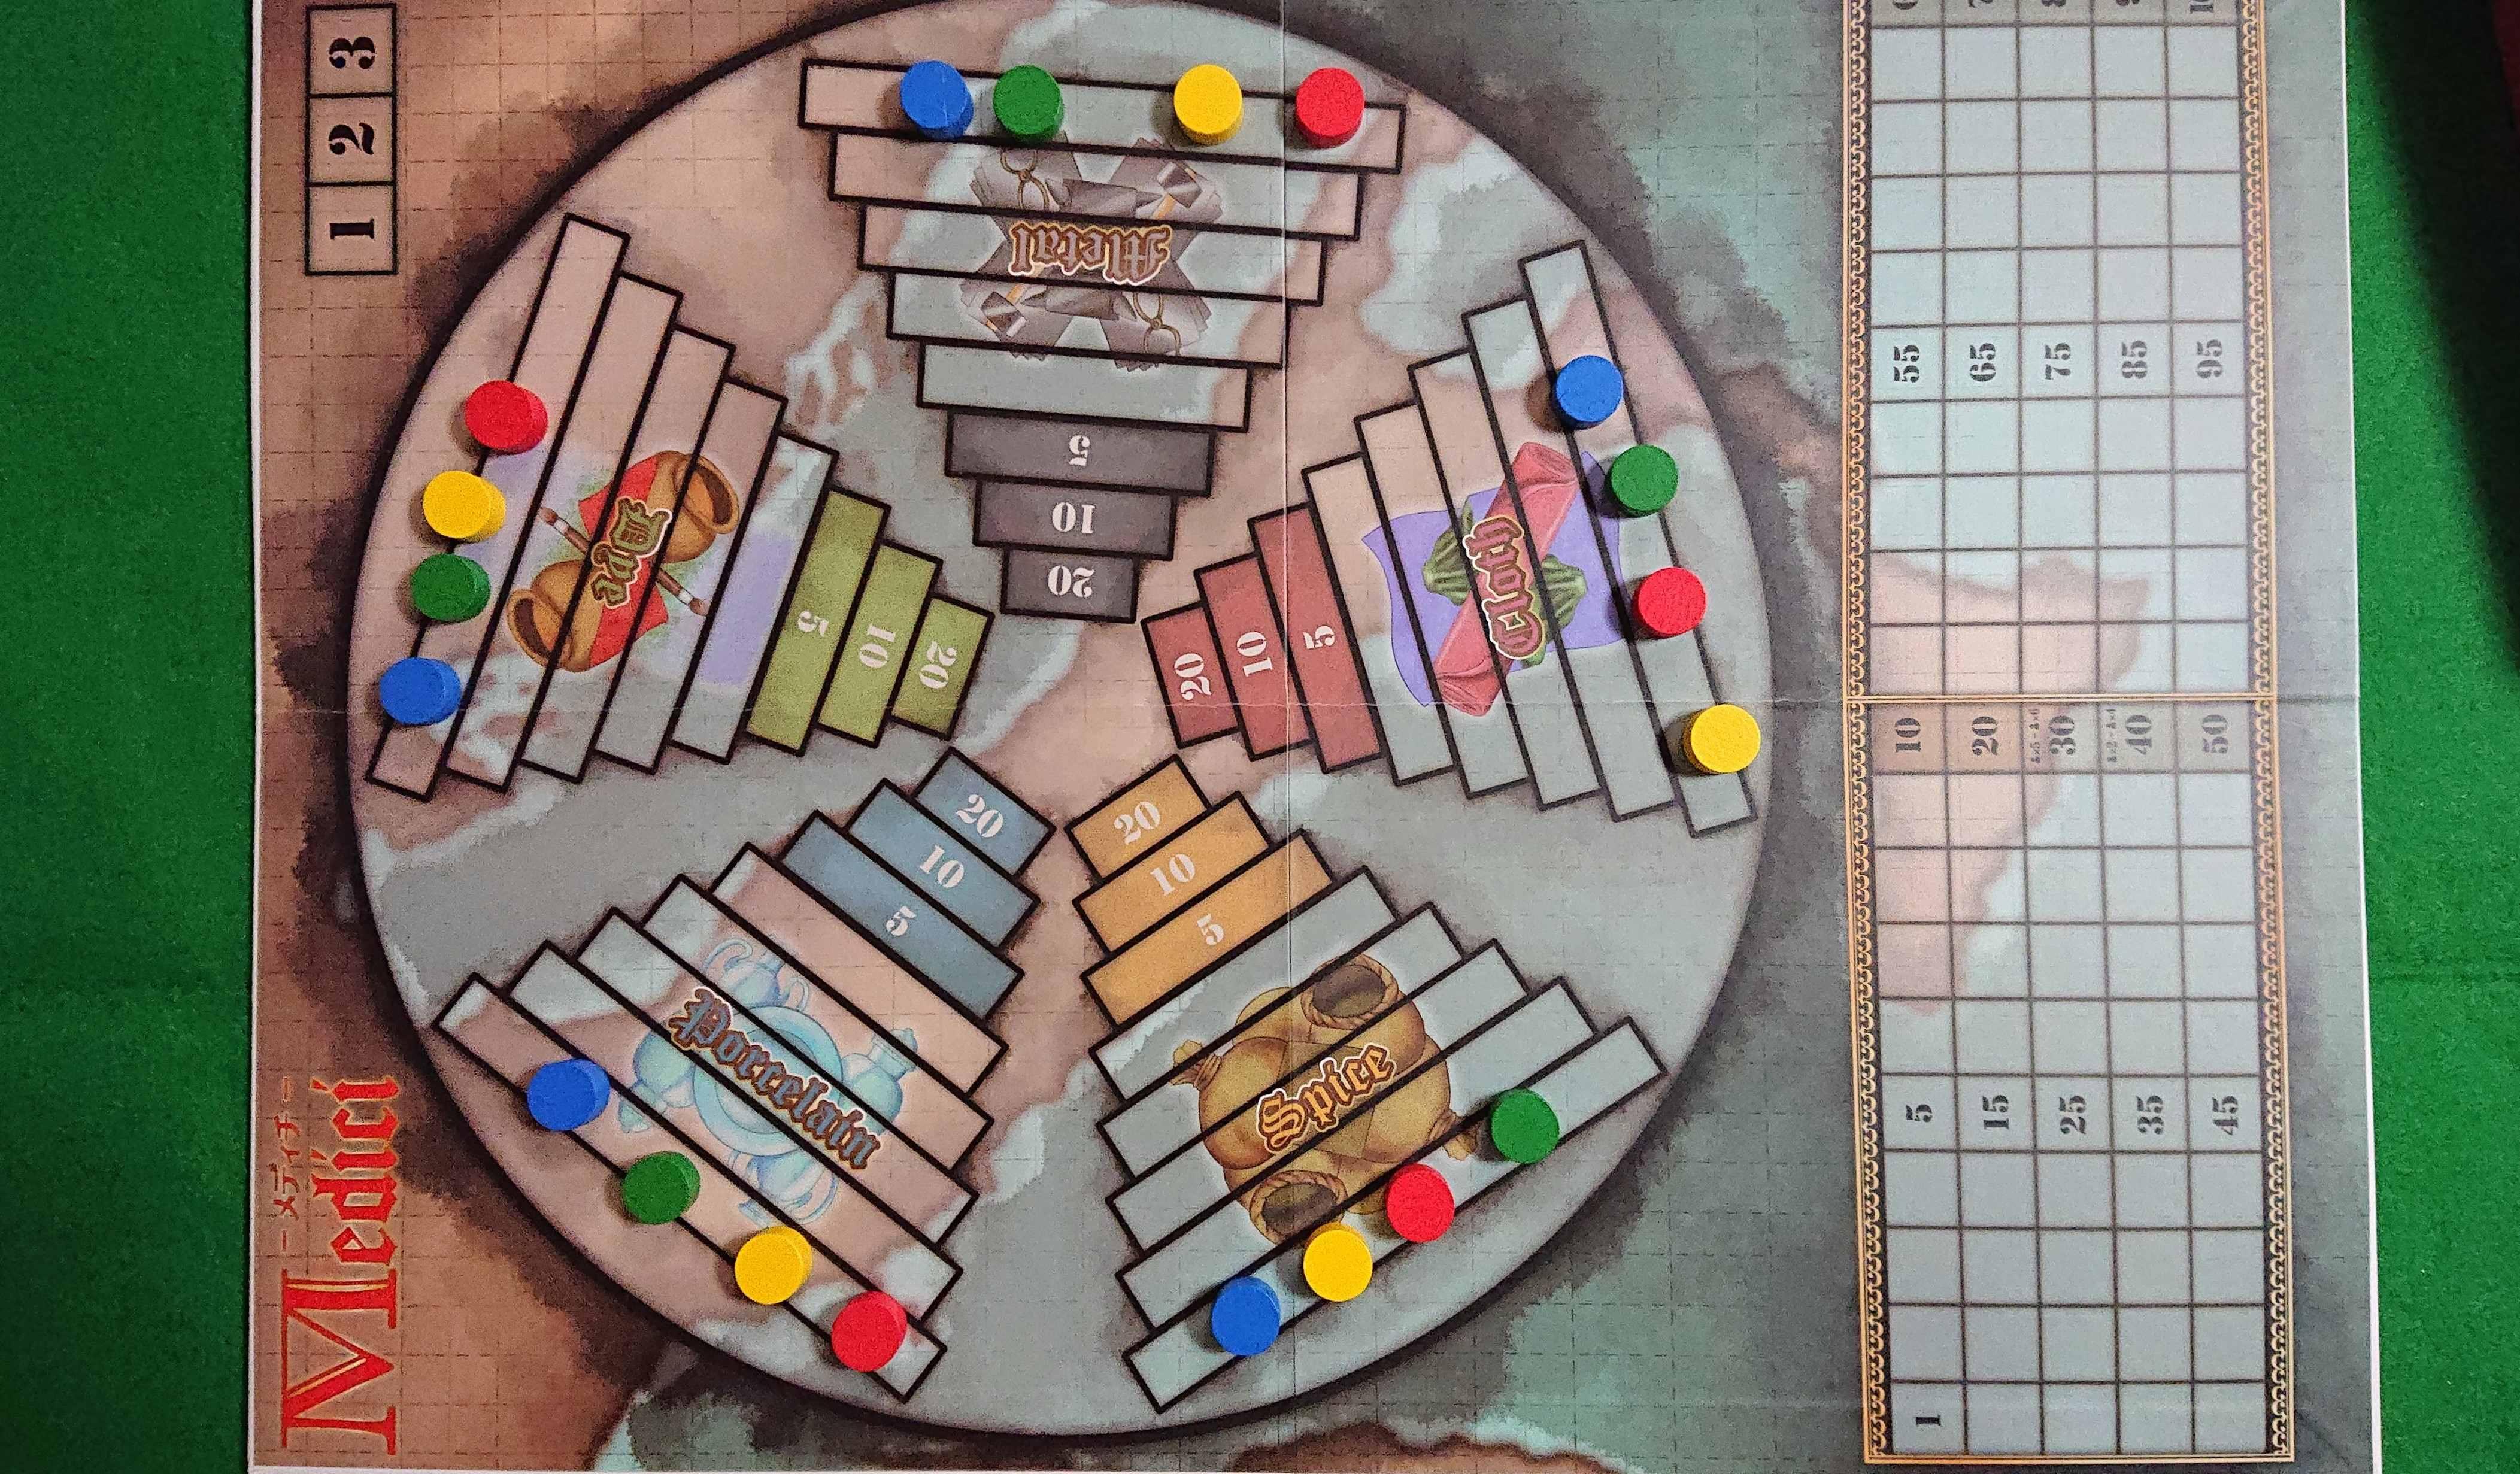 メディチ(Medici) 競りの名作 ボードゲーム 交易しお金を稼げ! ルール説明